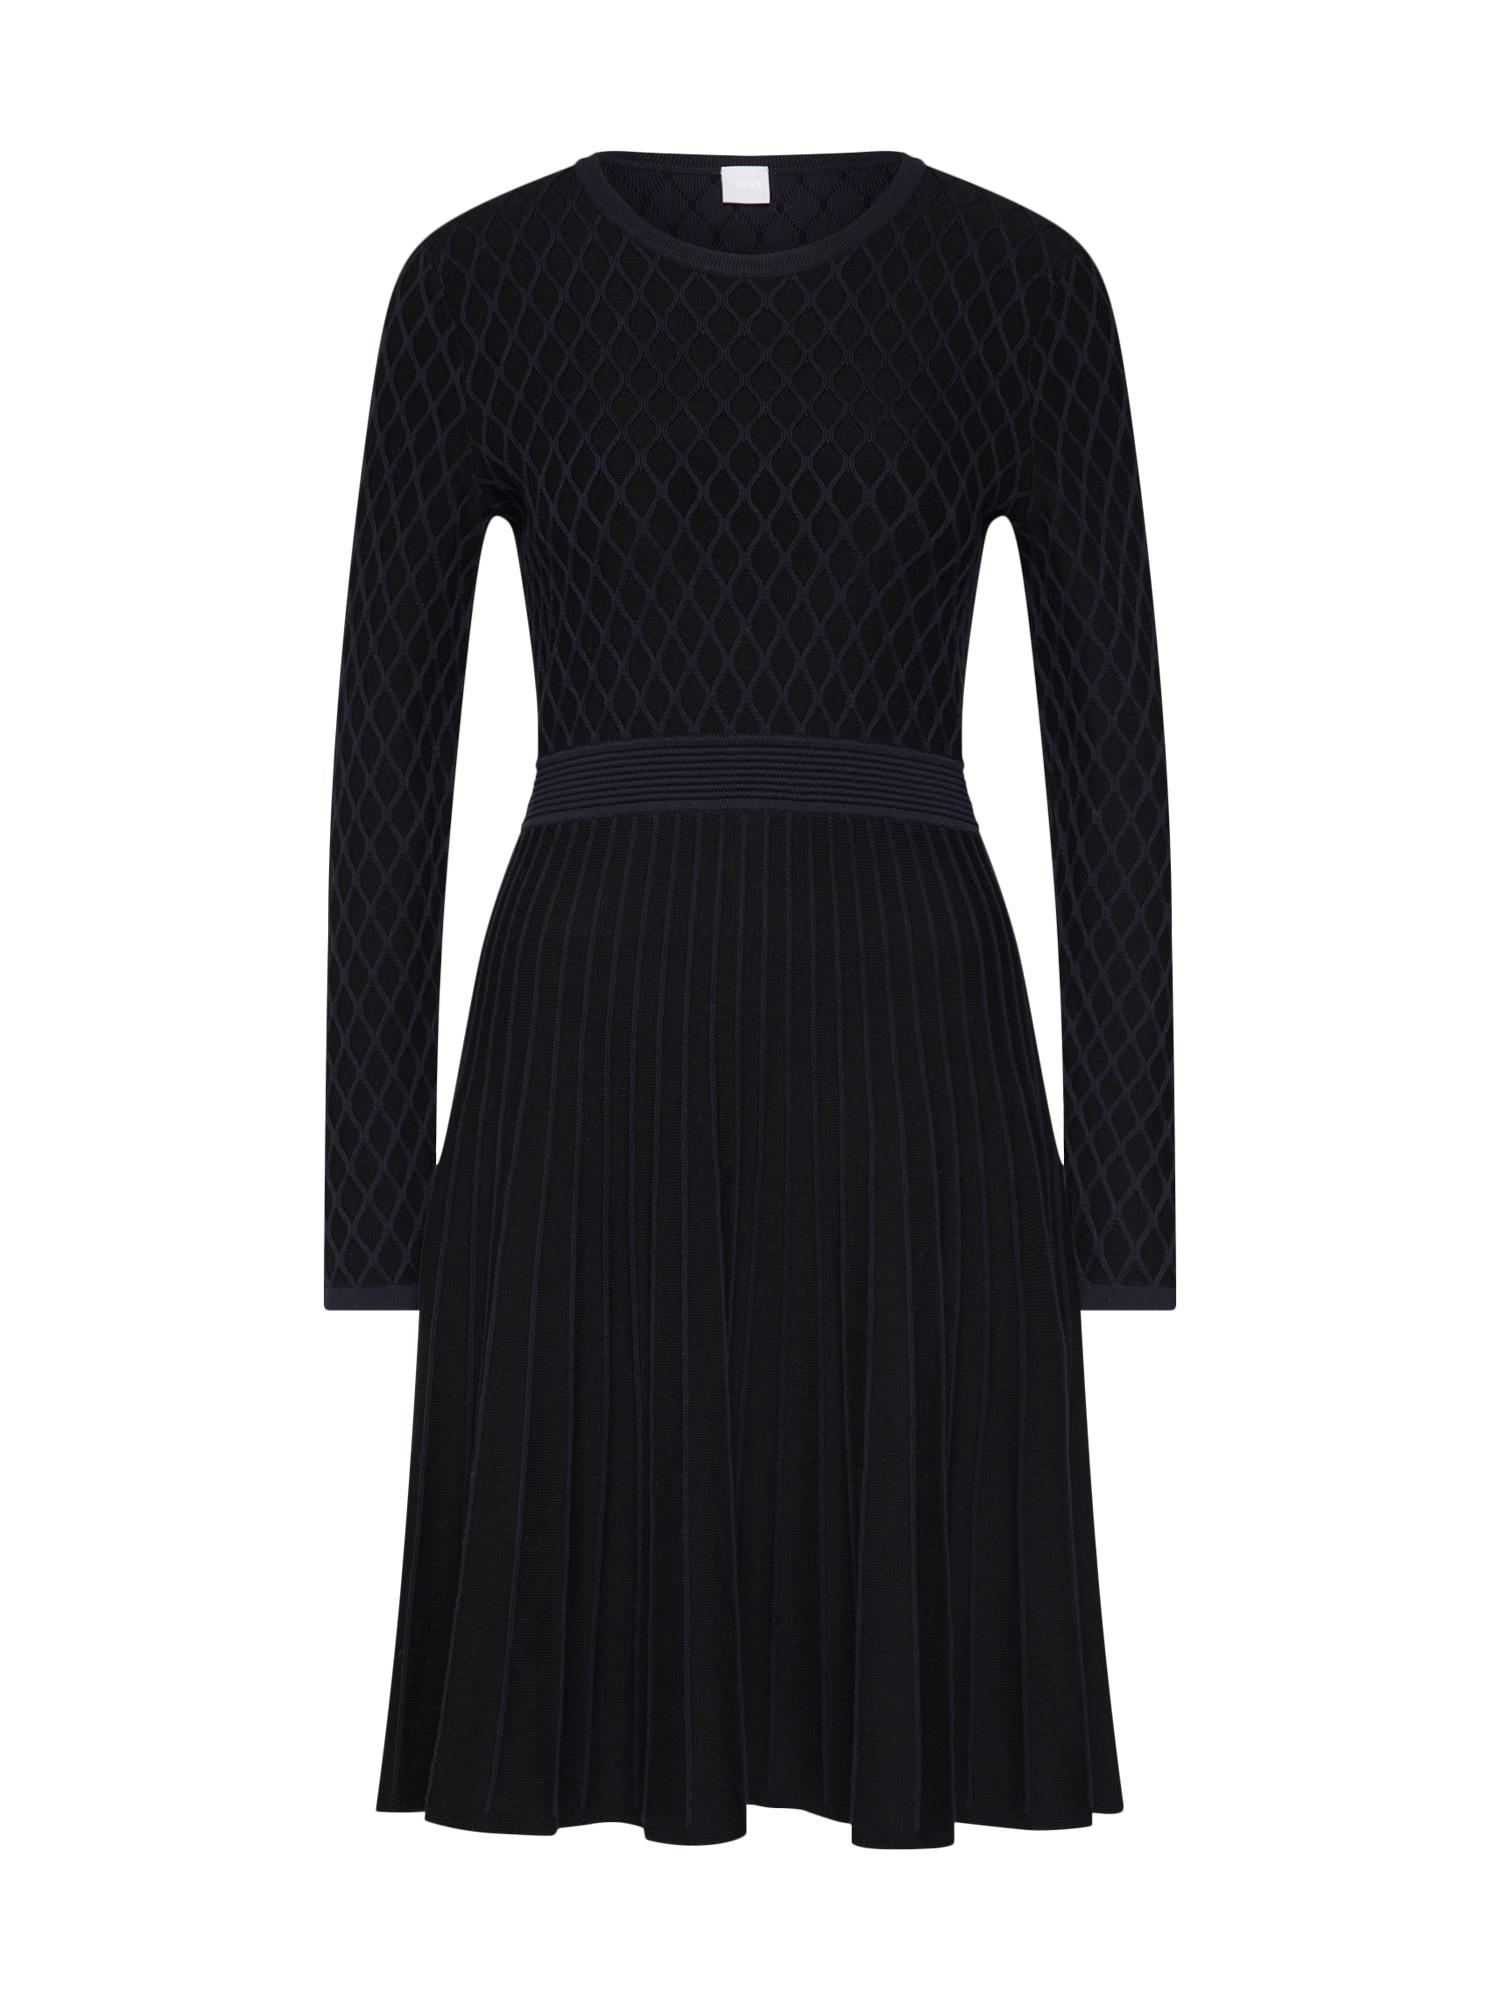 BOSS Sukienka koktajlowa 'Wedressy'  czarny